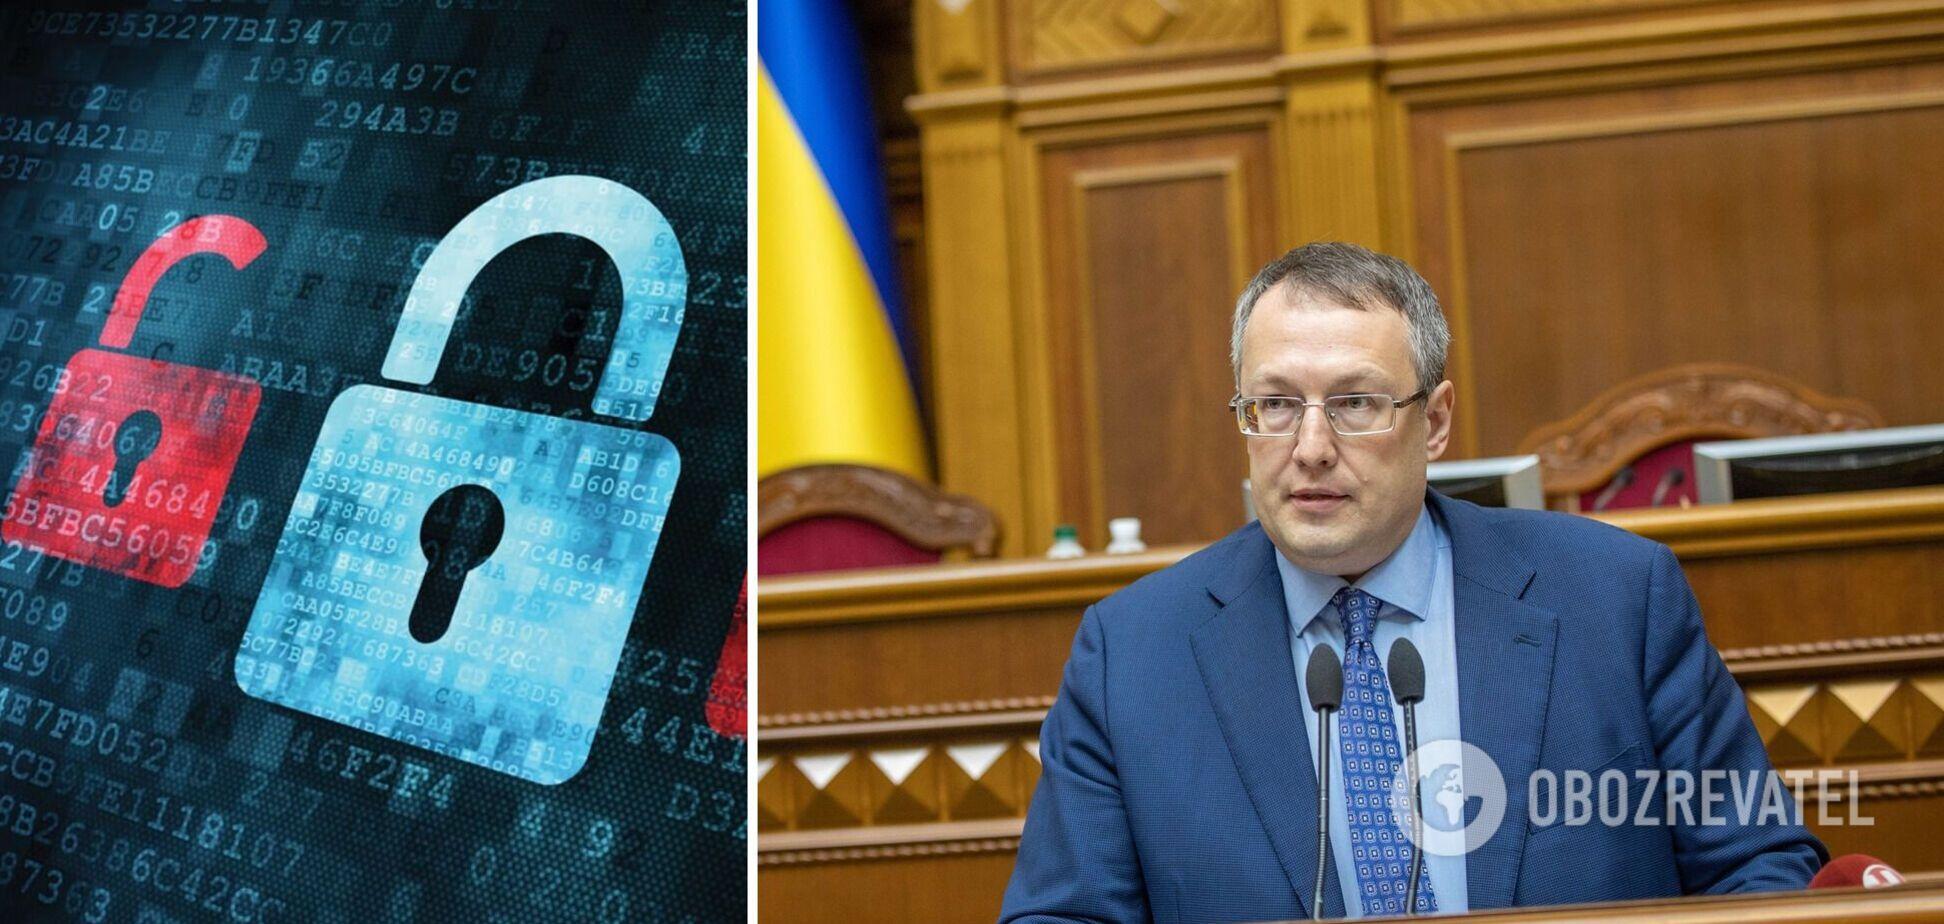 Геращенко назвал имя человека, из-за которого в Украине запретили сотни интернет-СМИ